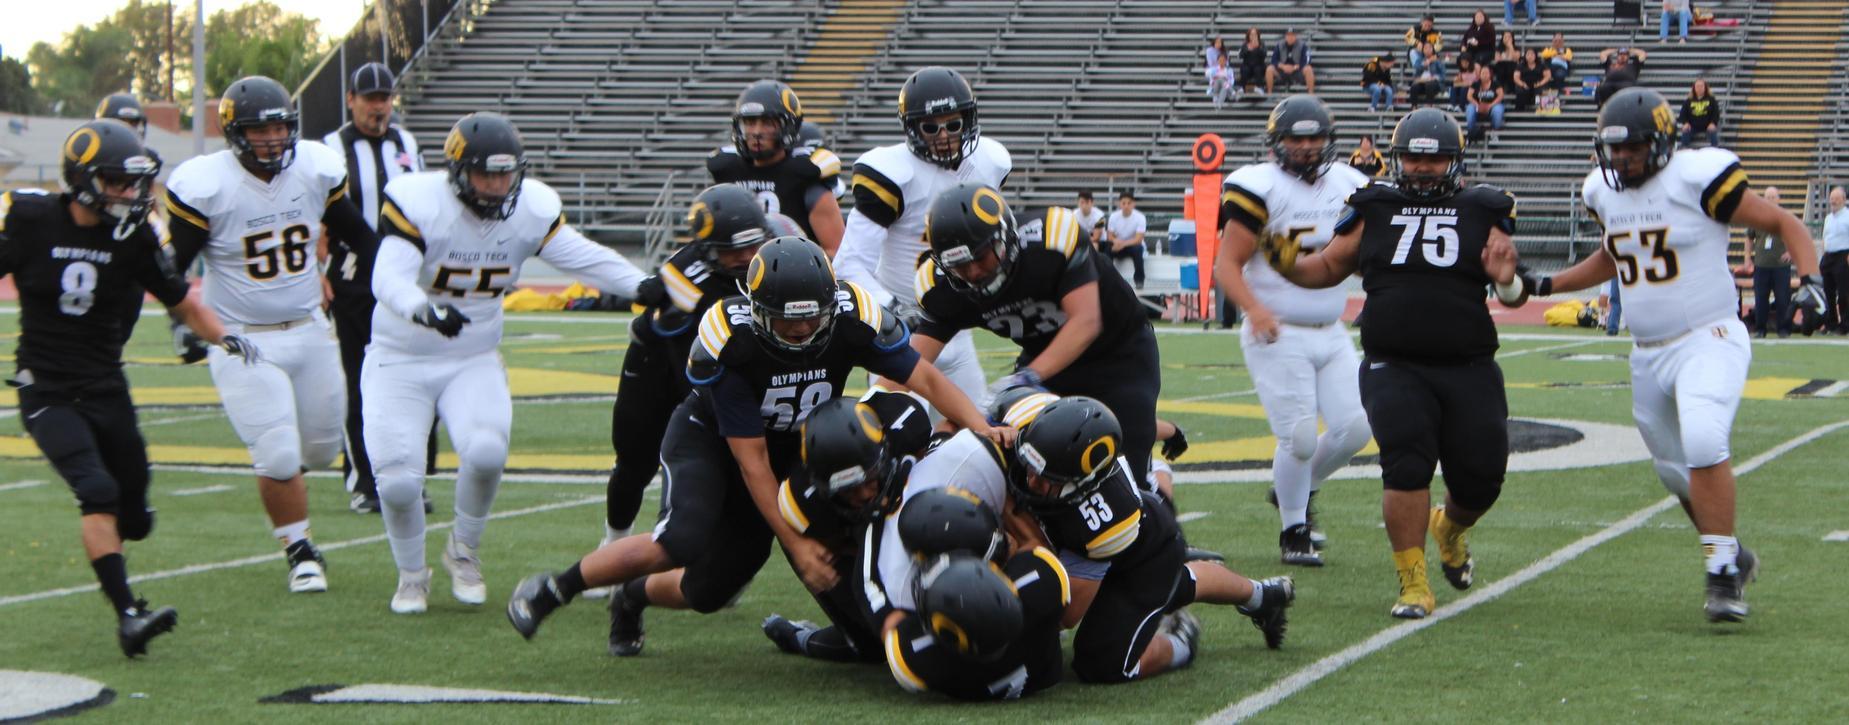 Bassett High School Football